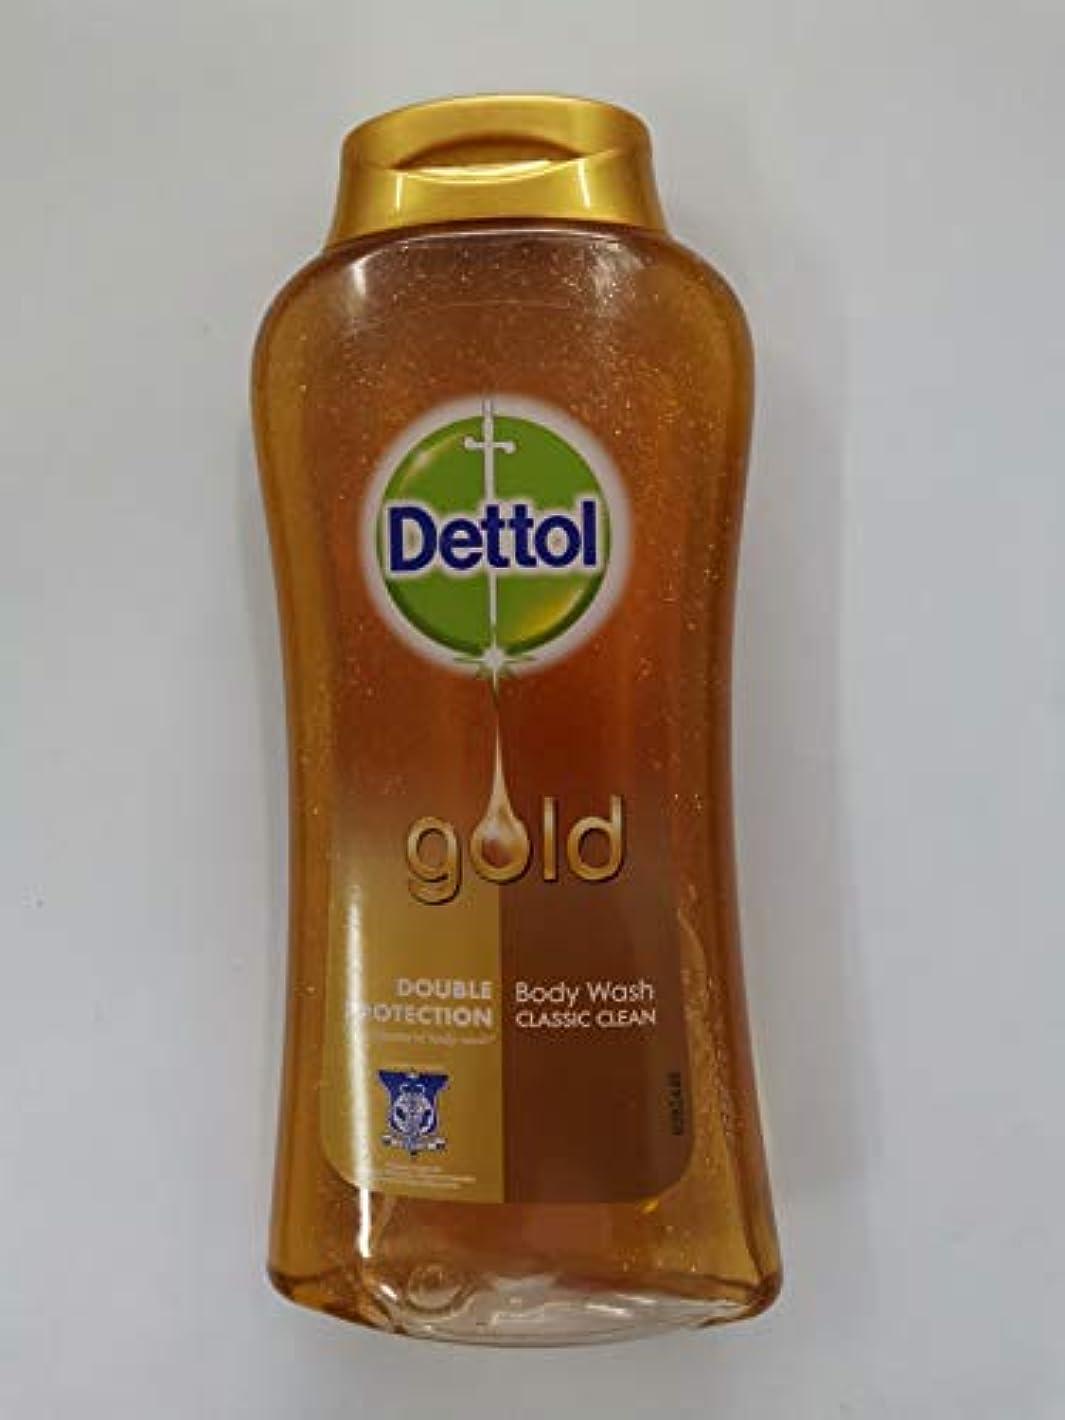 見て改修映画Dettol クラシッククリーンボディローション250ミリリットル - 細菌非食用風呂-kills 99.9% - 毎日の細菌を防ぎます